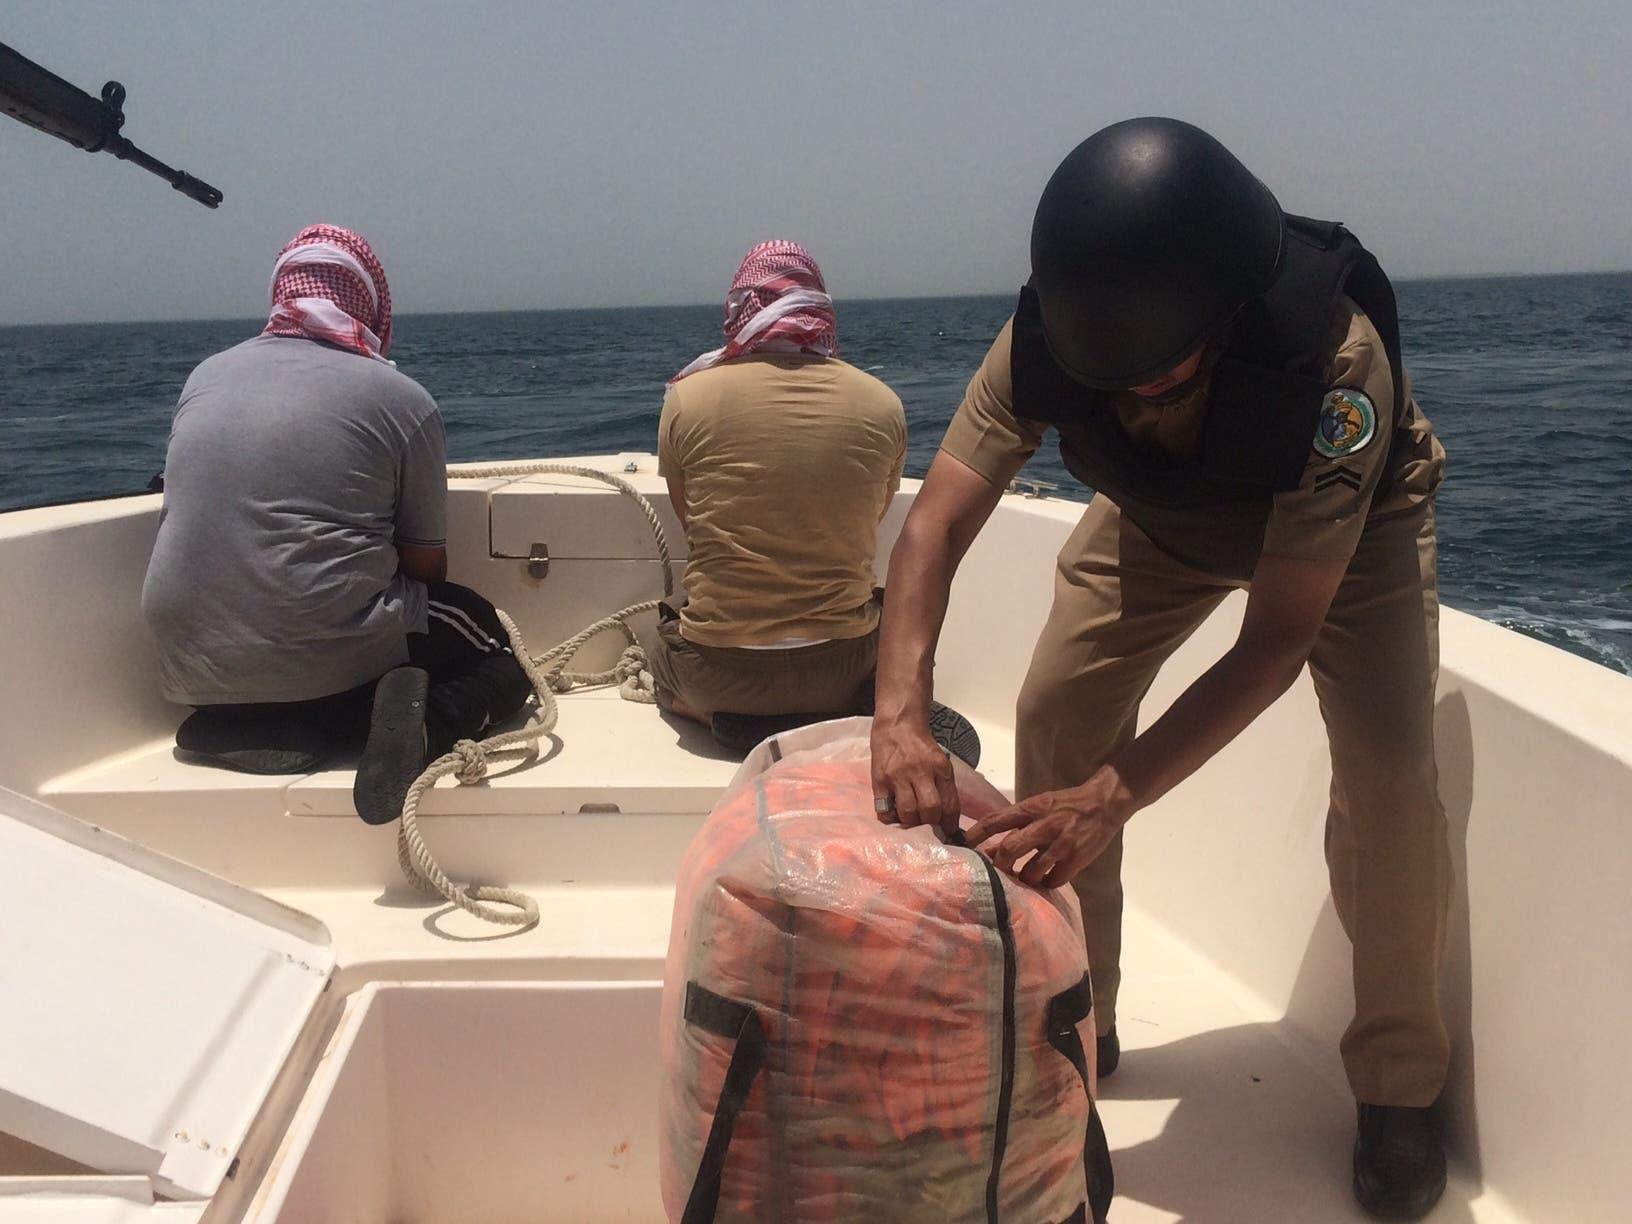 حرس الحدود خلال تنفيذ مهامها في القبض على المتسللين والمهربين في الشرقية في السعودية